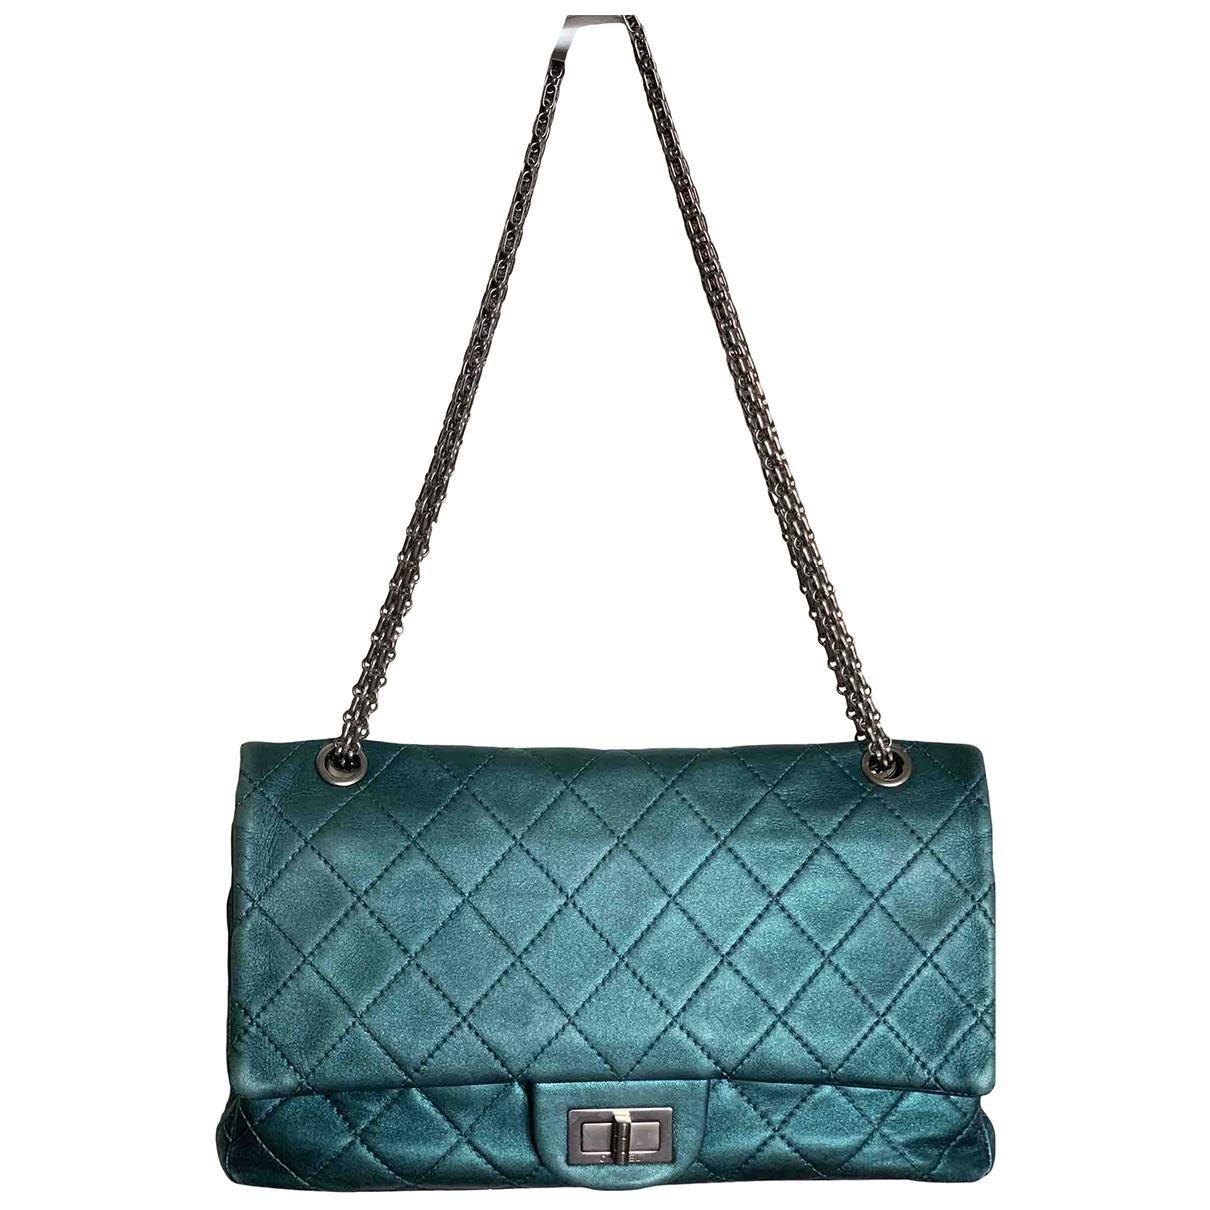 Chanel - Sac a main 2.55 pour femme en cuir - turquoise